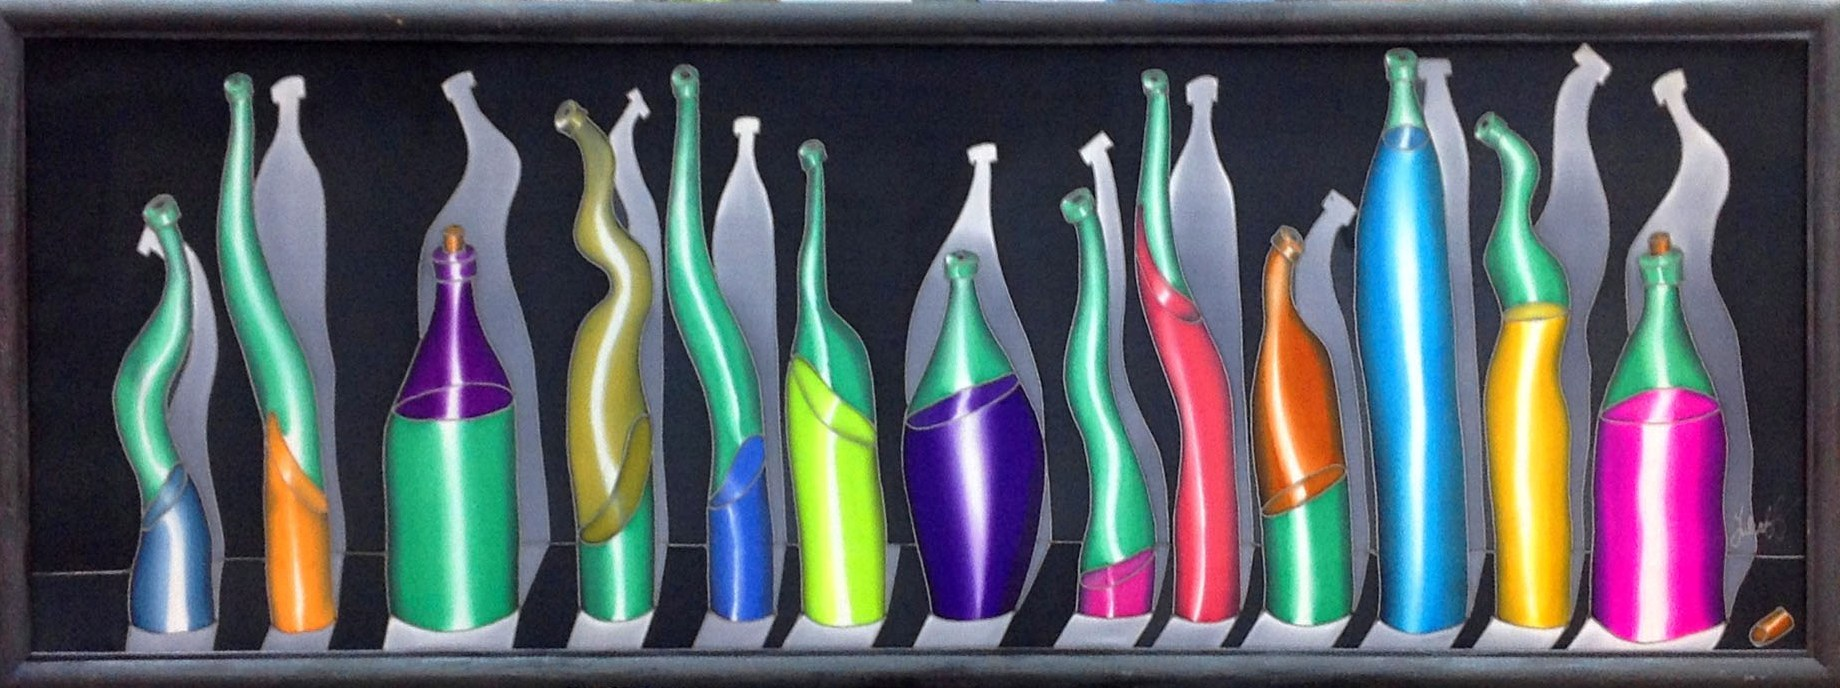 Говорящие бутылки. 2014 г.